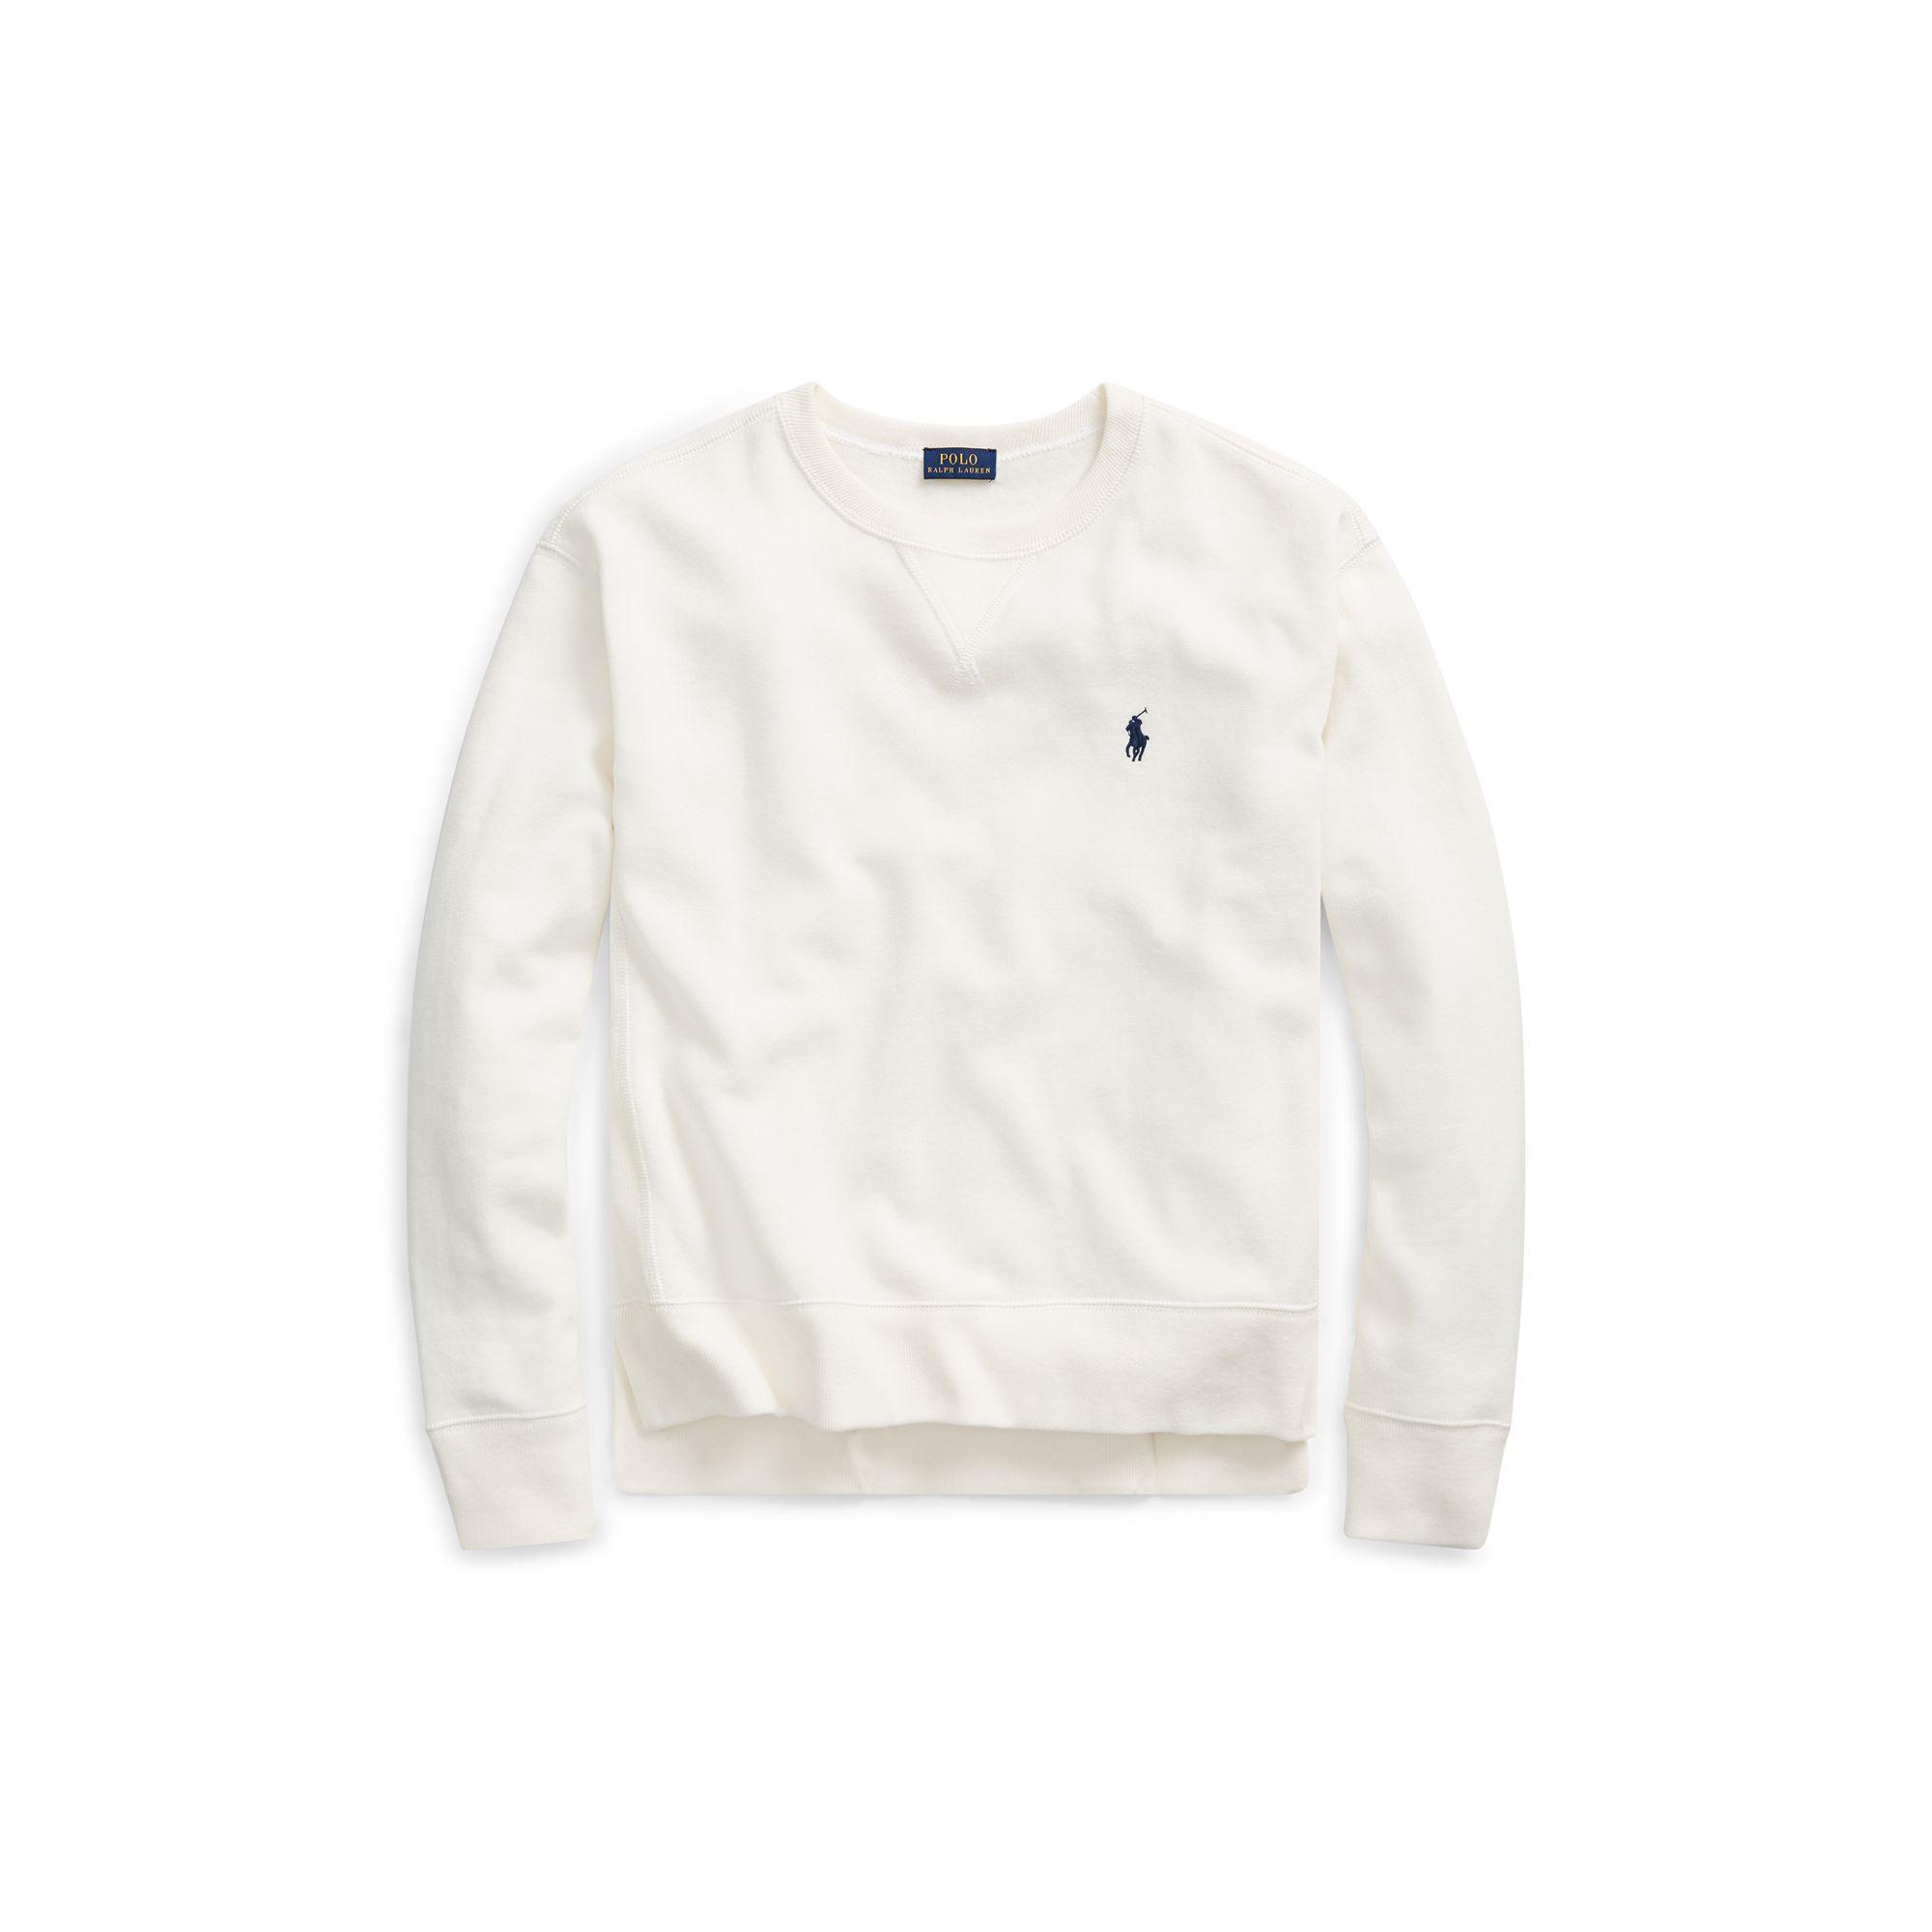 Schönheit 2018 Schuhe attraktiv und langlebig Lightweight Fleece Sweatshirt